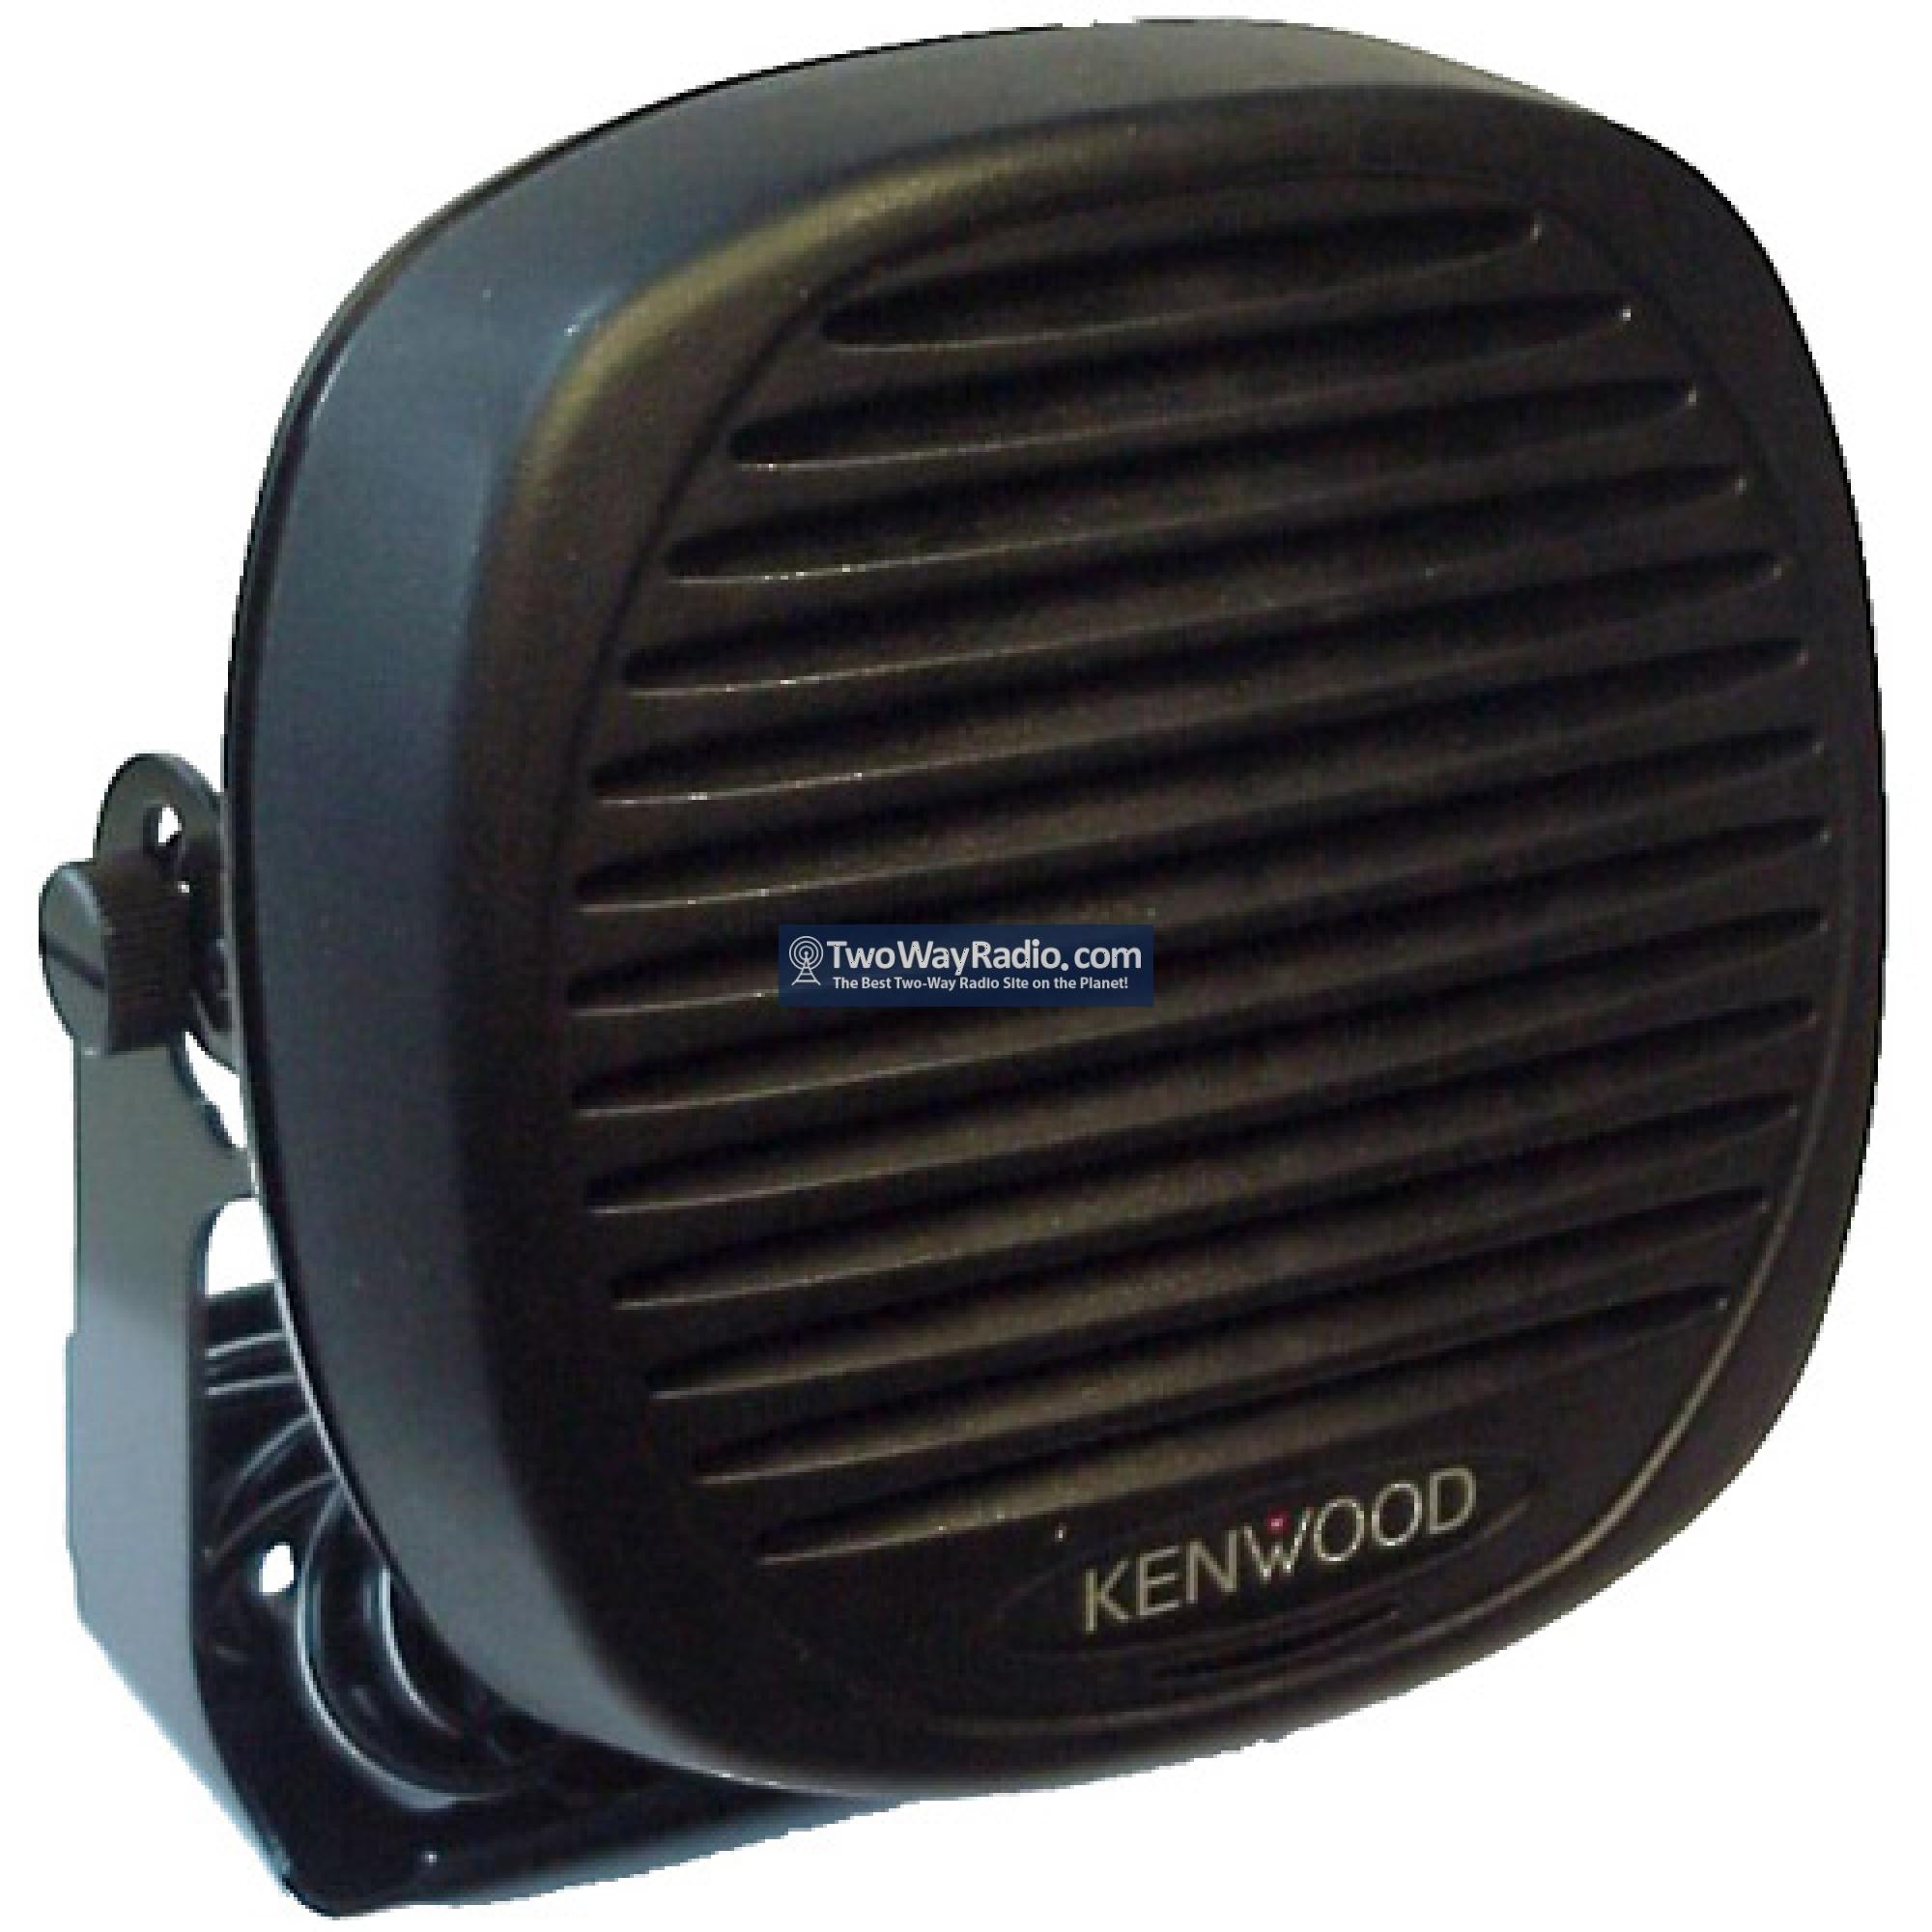 Kenwood KES-5 External Speaker Car Audio Electronics prb.org.af